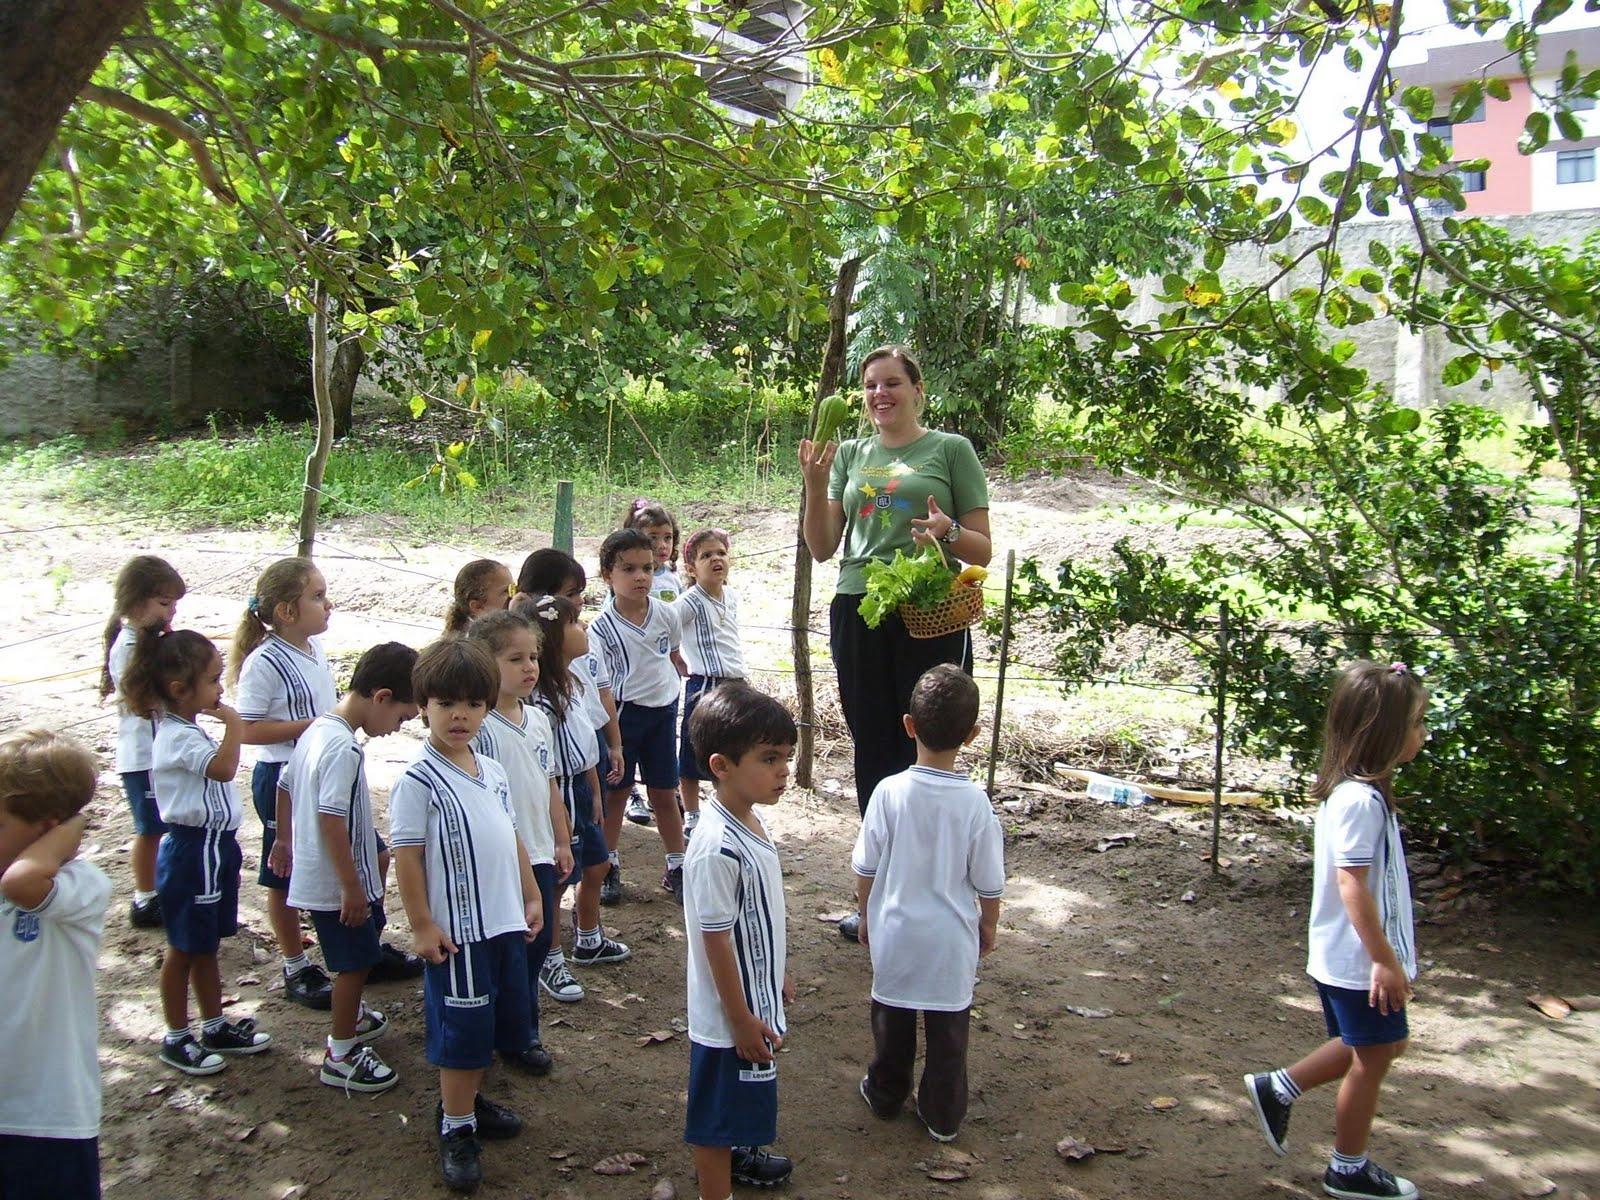 horta pomar e jardim atividadesBlog da Turminha EVL Horta, Pomar e